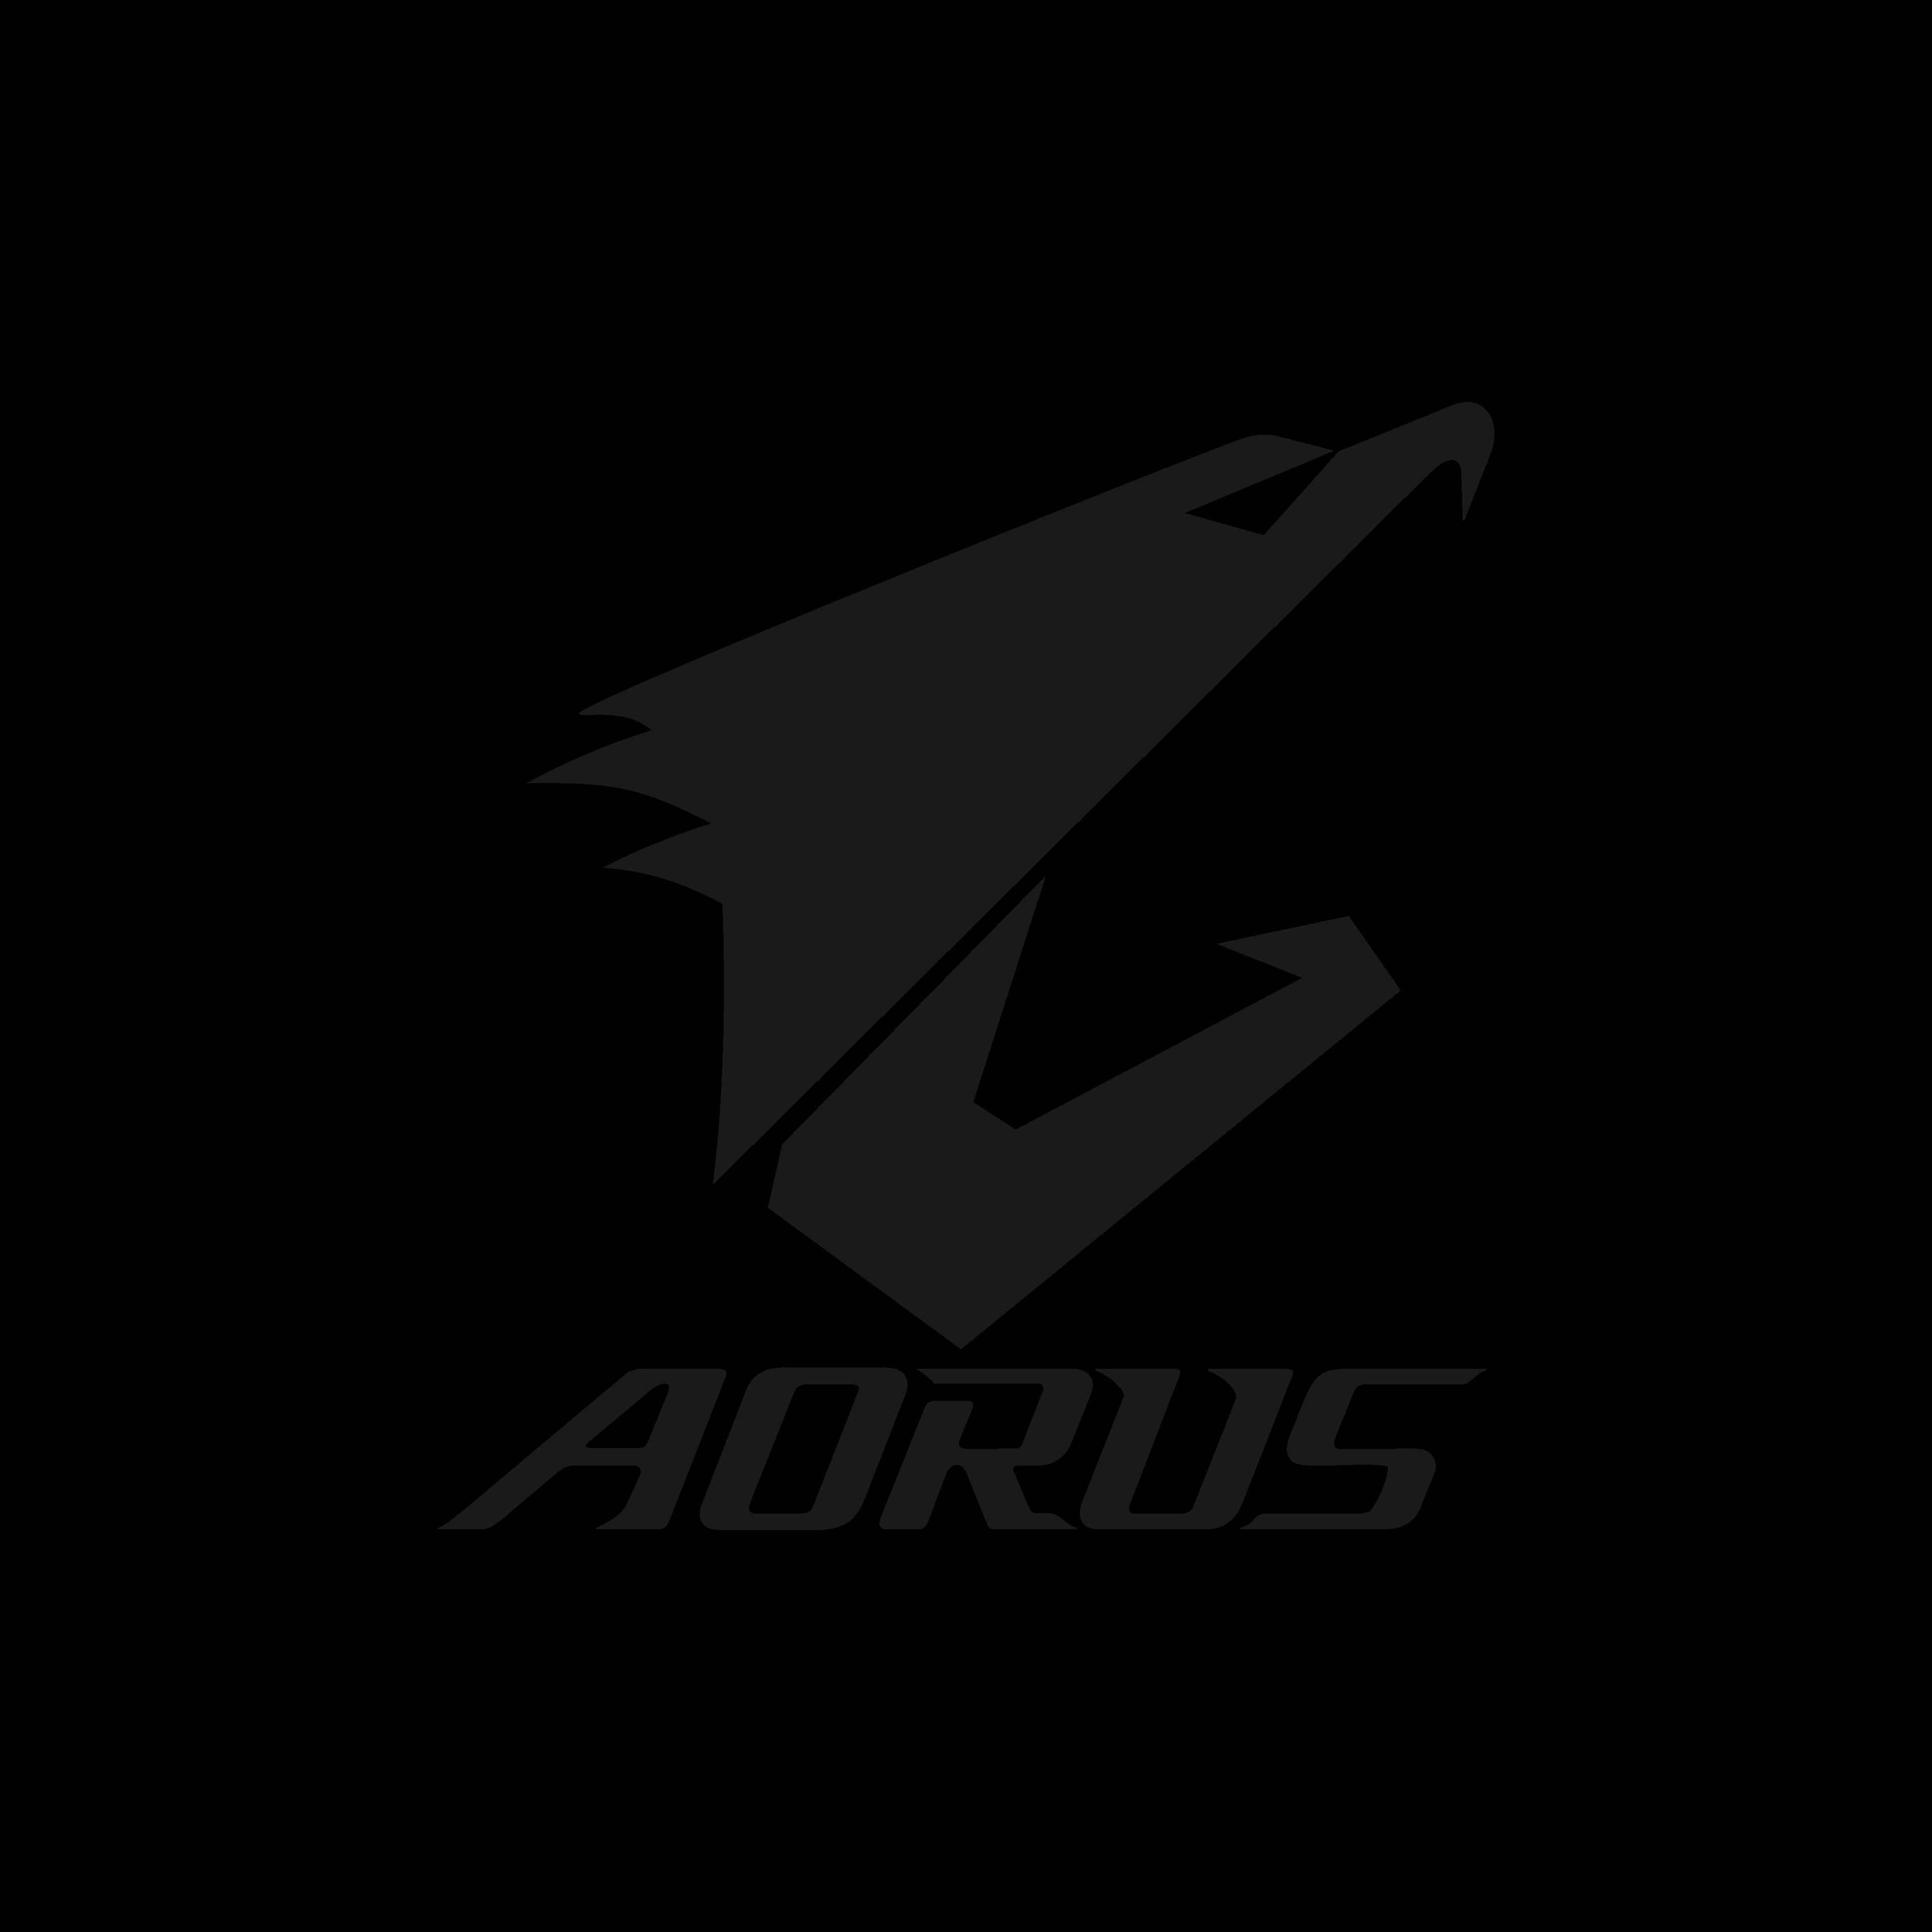 aorus logo 0 - AORUS Logo